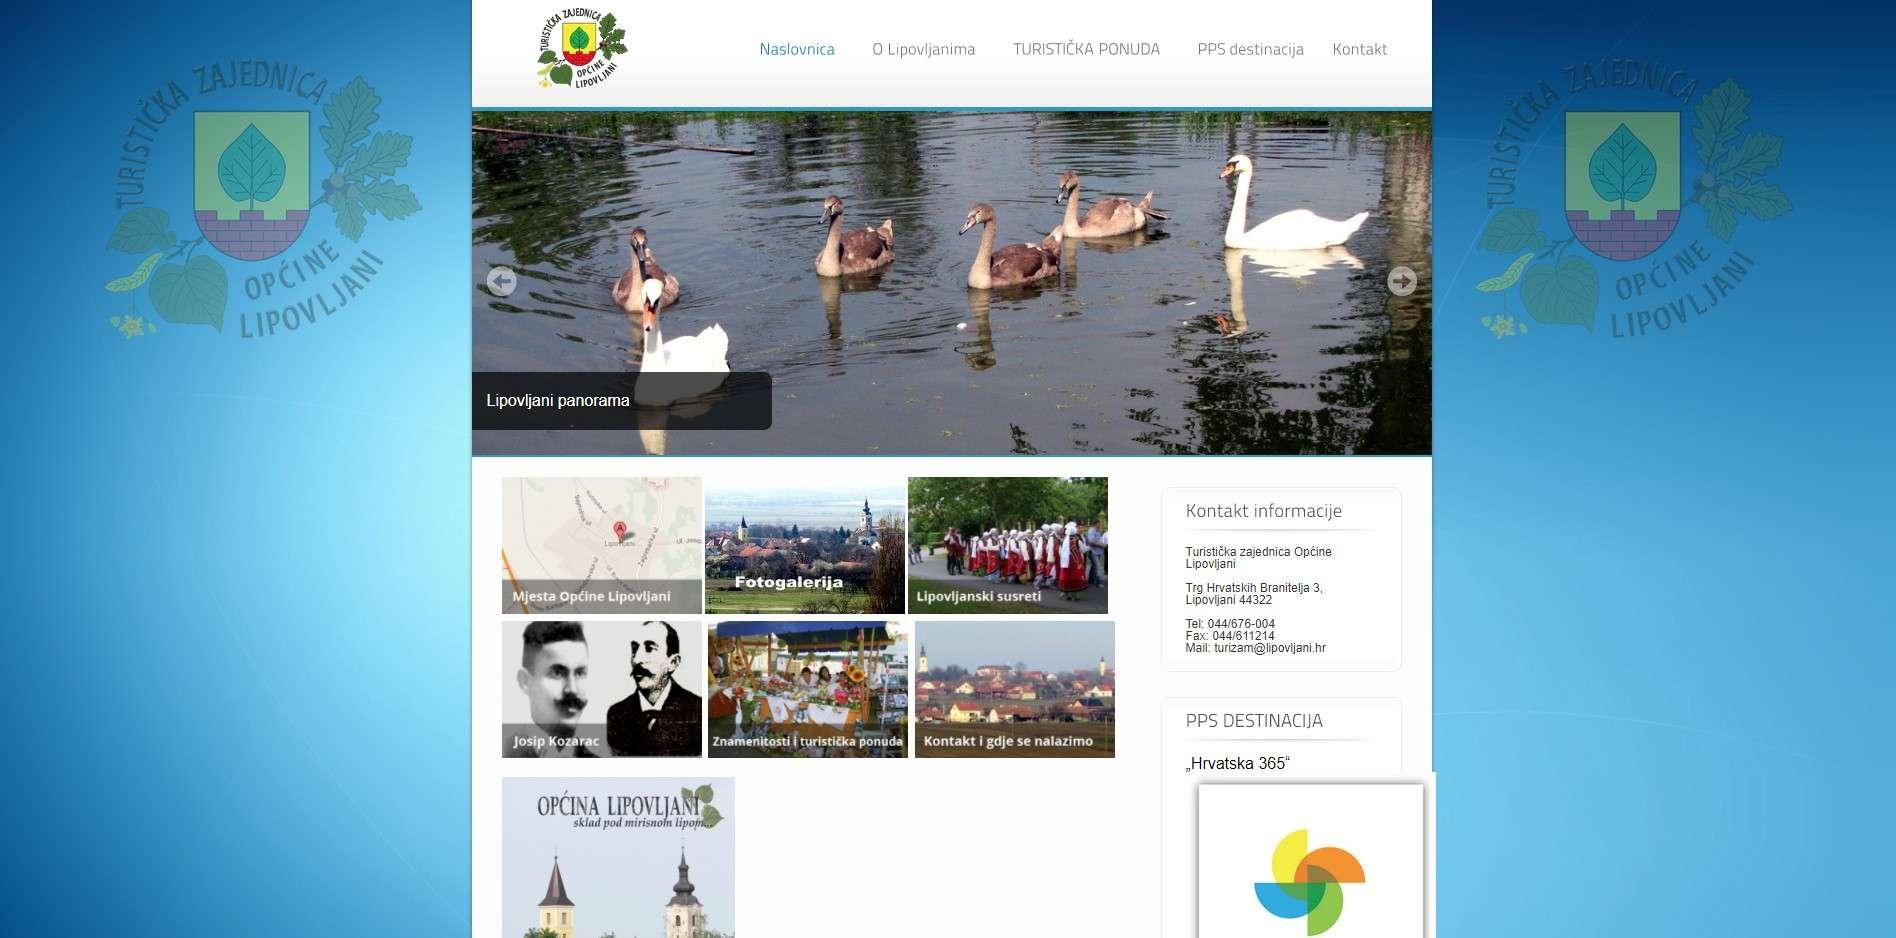 Turistička zajednica općine Lipovljani